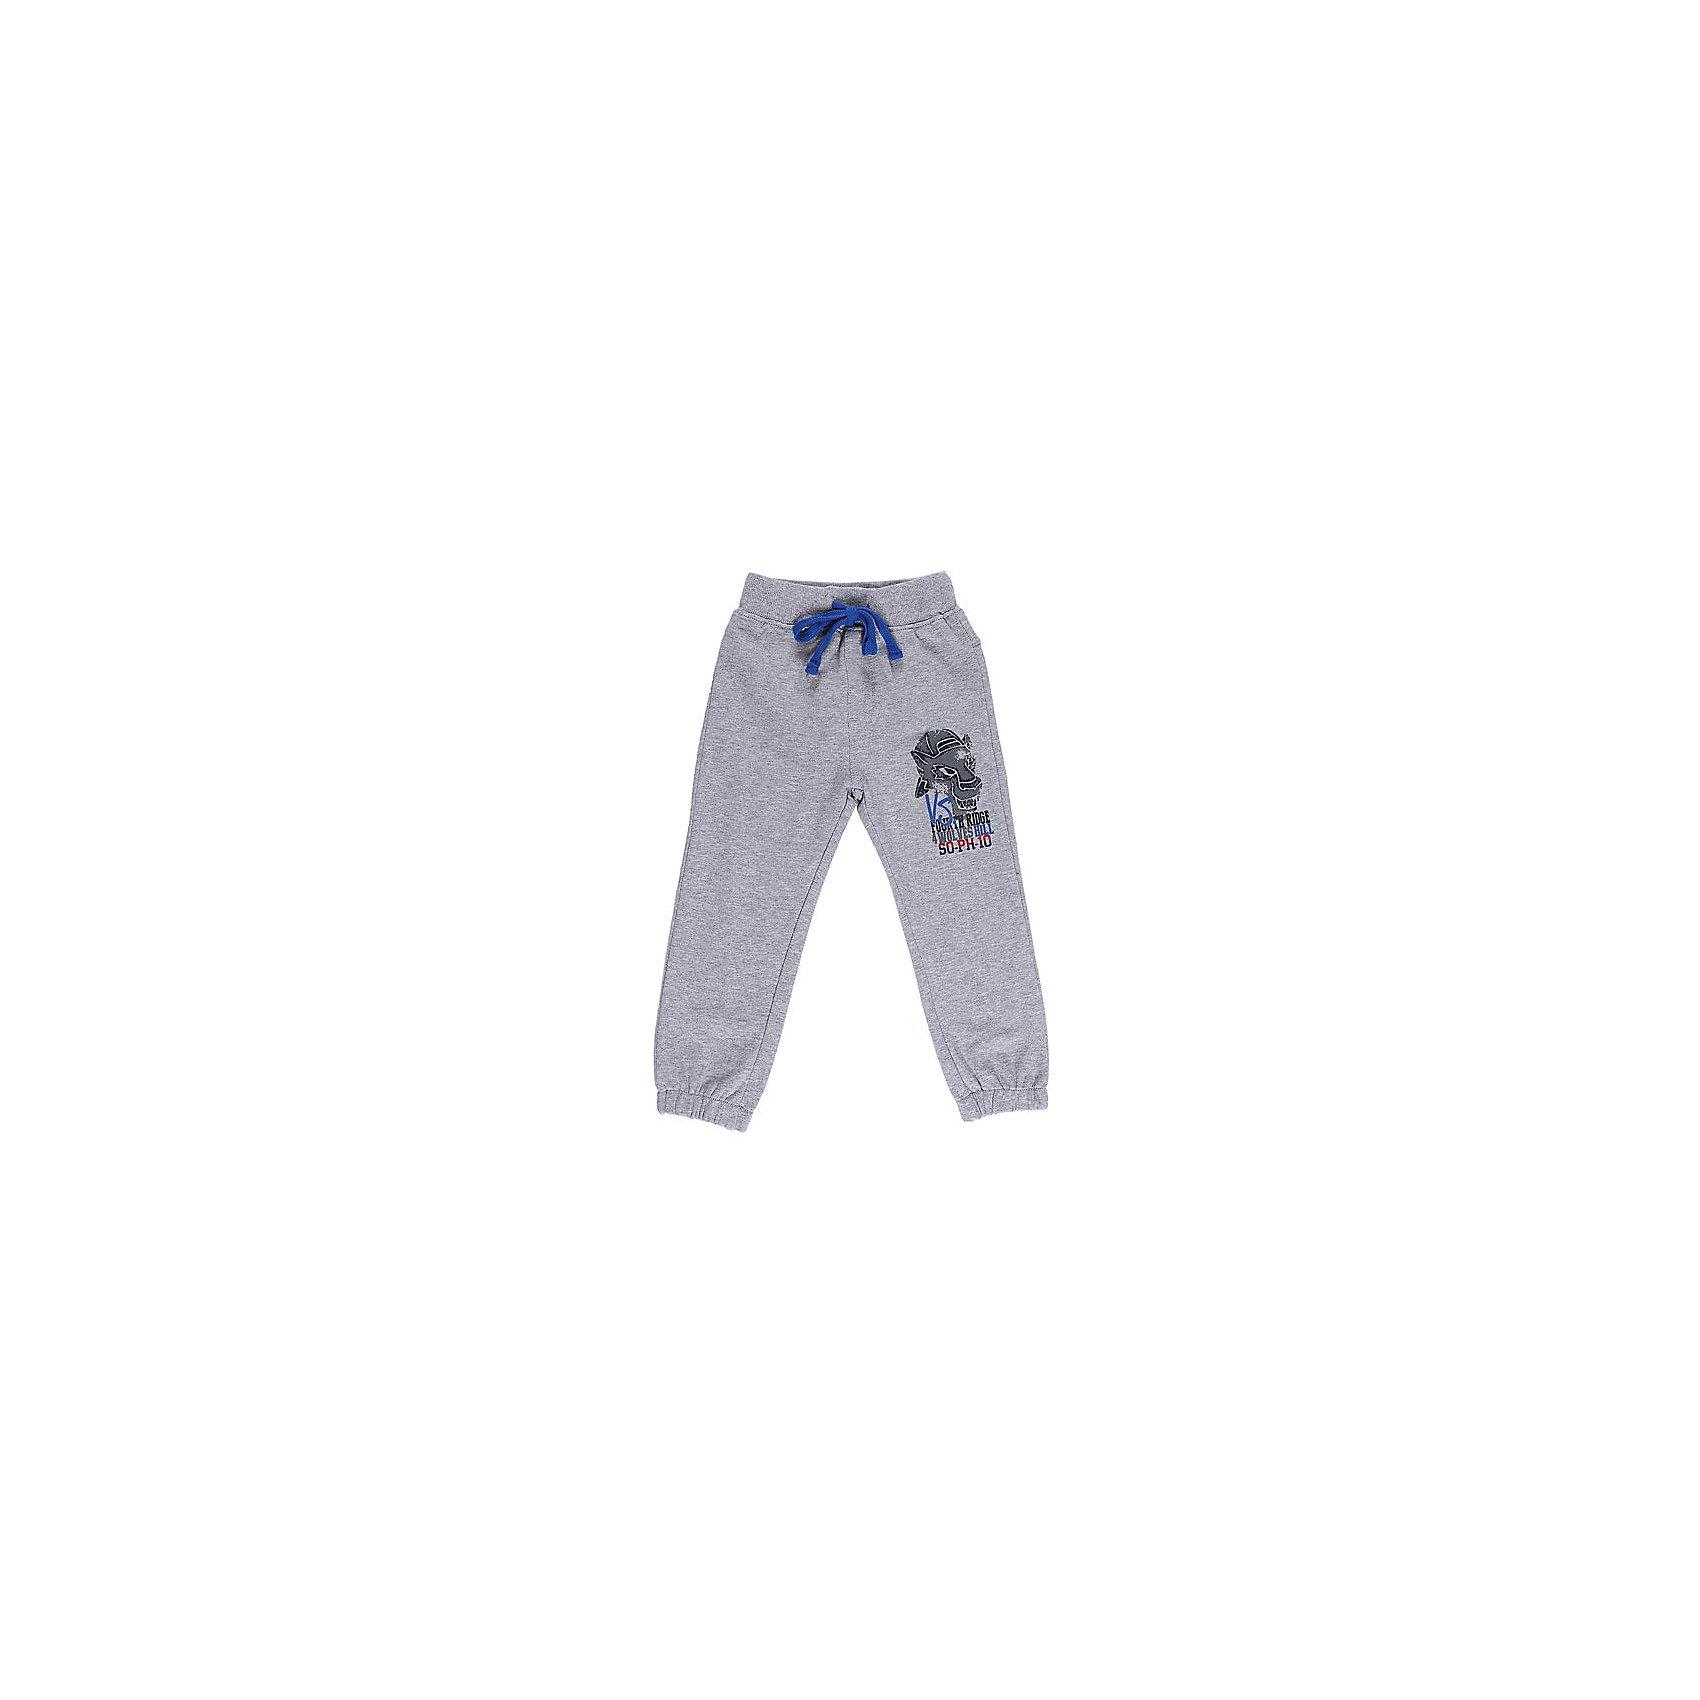 Брюки для мальчика Sweet BerryТакая модель брюк для мальчика отличается мягким и приятным на ощупь материалом. Удачный крой обеспечит ребенку комфорт и тепло. Плотная ткань делает вещь идеальной для прохладной погоды. Она плотно прилегает к телу там, где нужно, и отлично сидит по фигуре. Брюки имеют резинку и шнурок на талии. <br>Одежда от бренда Sweet Berry - это простой и выгодный способ одеть ребенка удобно и стильно. Всё изделия тщательно проработаны: швы - прочные, материал - качественный, фурнитура - подобранная специально для детей. <br><br>Дополнительная информация:<br><br>цвет: серый;<br>резинка и шнурок на талии;<br>материал: 95% хлопок, 5% эластан.<br><br>Брюки для мальчика от бренда Sweet Berry можно купить в нашем интернет-магазине.<br><br>Ширина мм: 215<br>Глубина мм: 88<br>Высота мм: 191<br>Вес г: 336<br>Цвет: серый<br>Возраст от месяцев: 12<br>Возраст до месяцев: 15<br>Пол: Мужской<br>Возраст: Детский<br>Размер: 80,92,98,86<br>SKU: 4929982